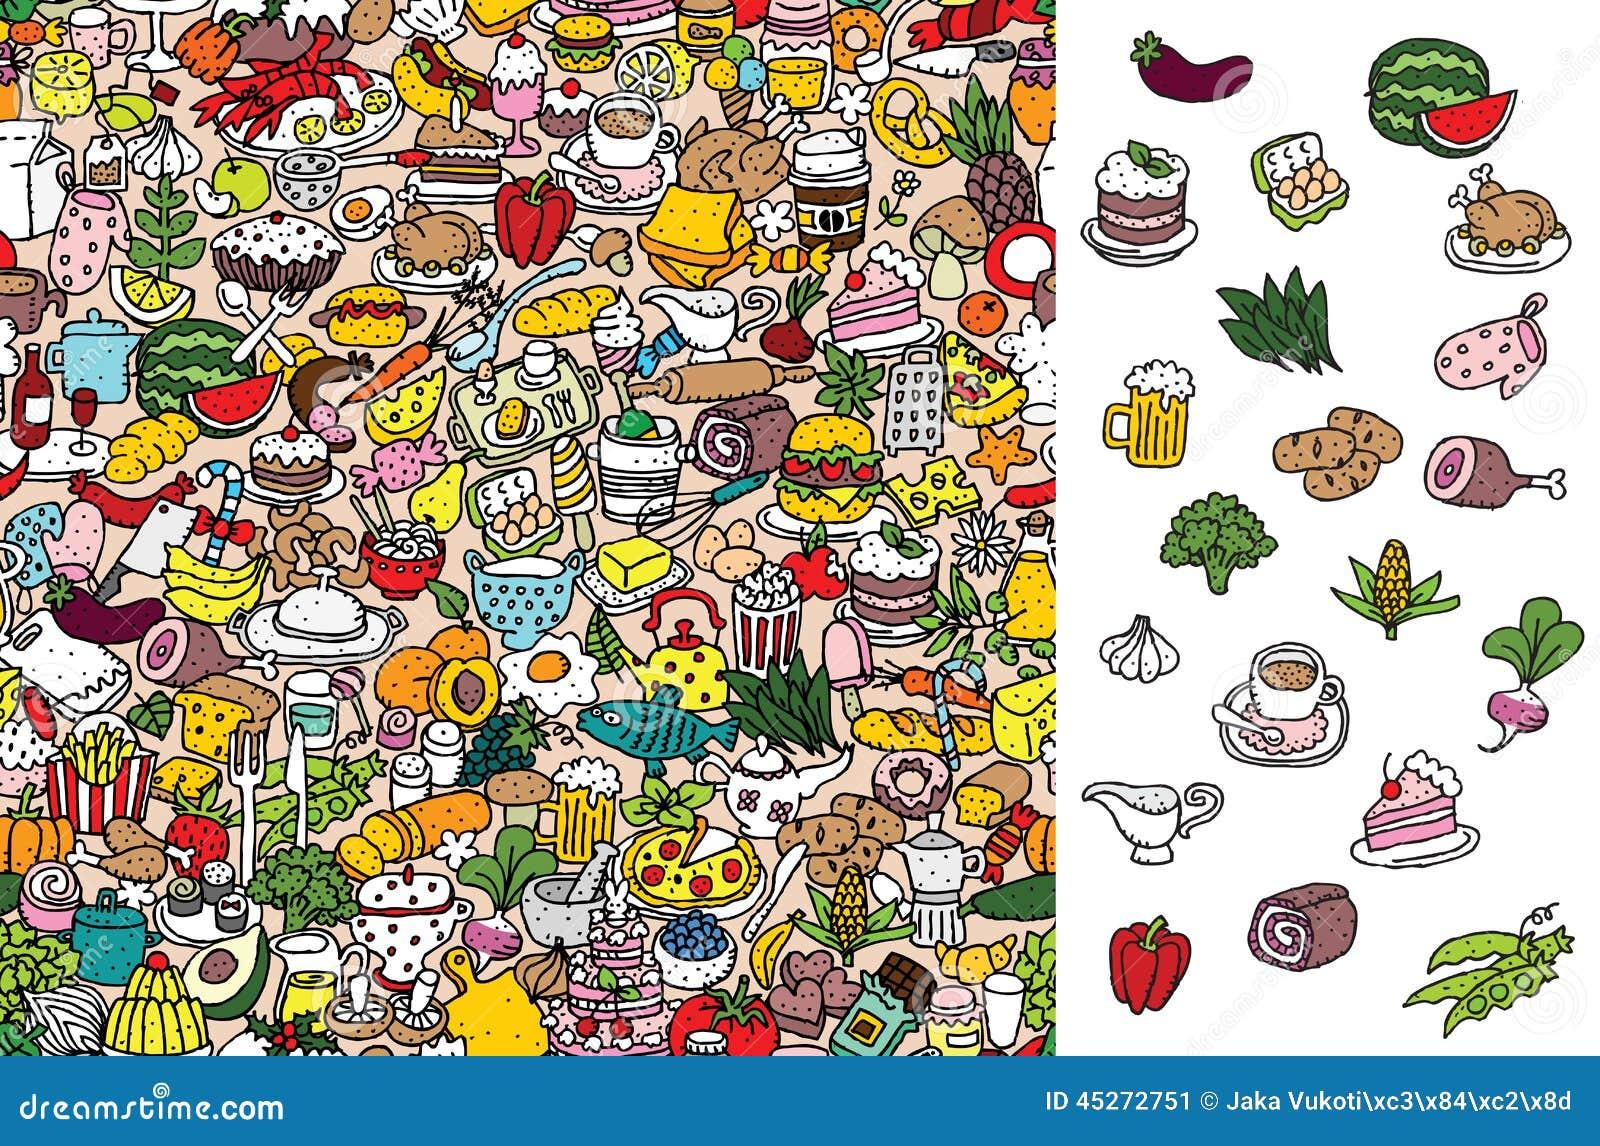 Znaleziska jedzenie, wizualna gra Rozwiązanie w chowanej warstwie!